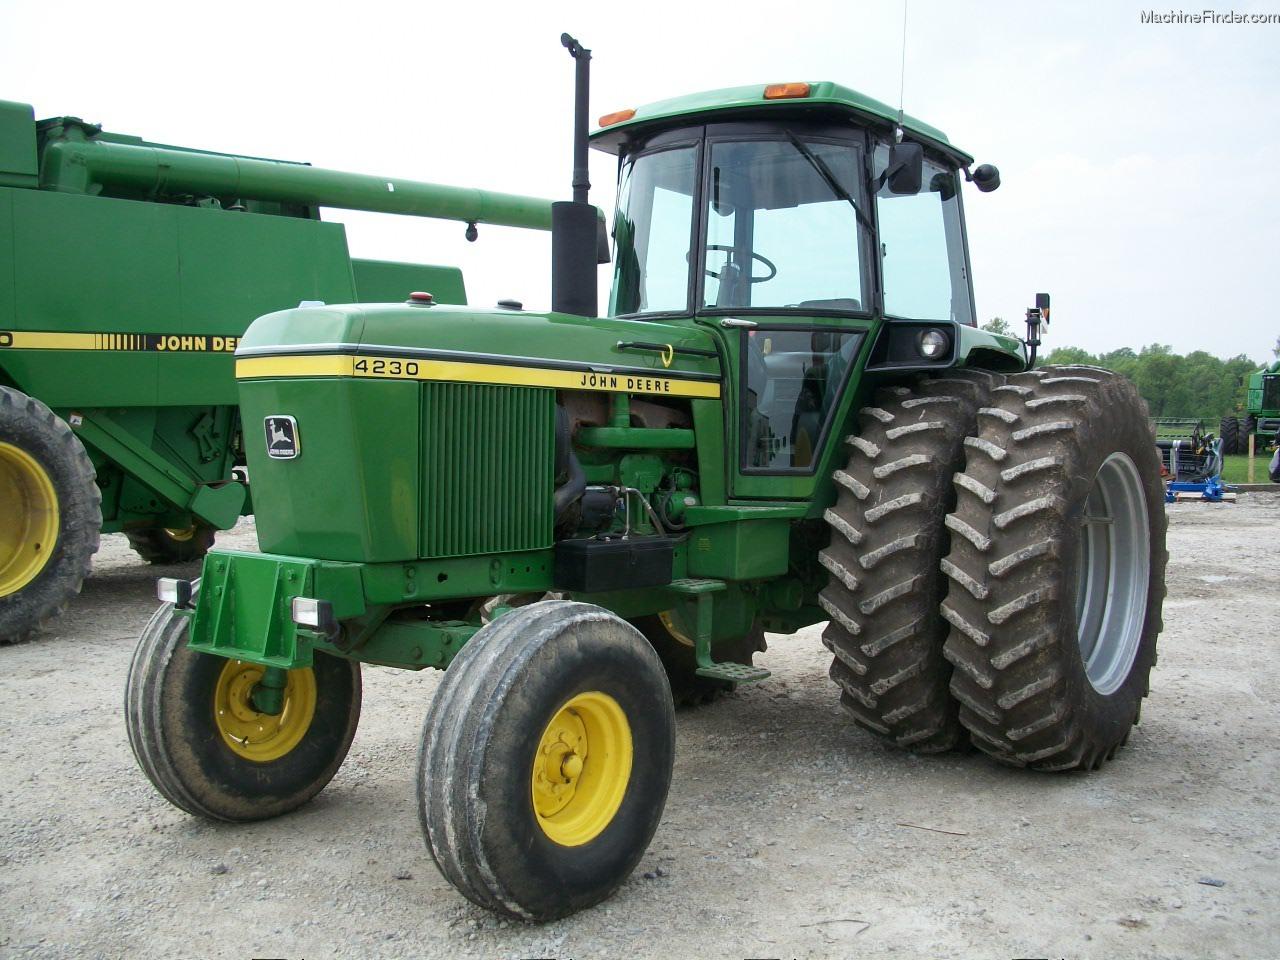 1974 John Deere 4230 Tractors - Row Crop (+100hp) - John ...